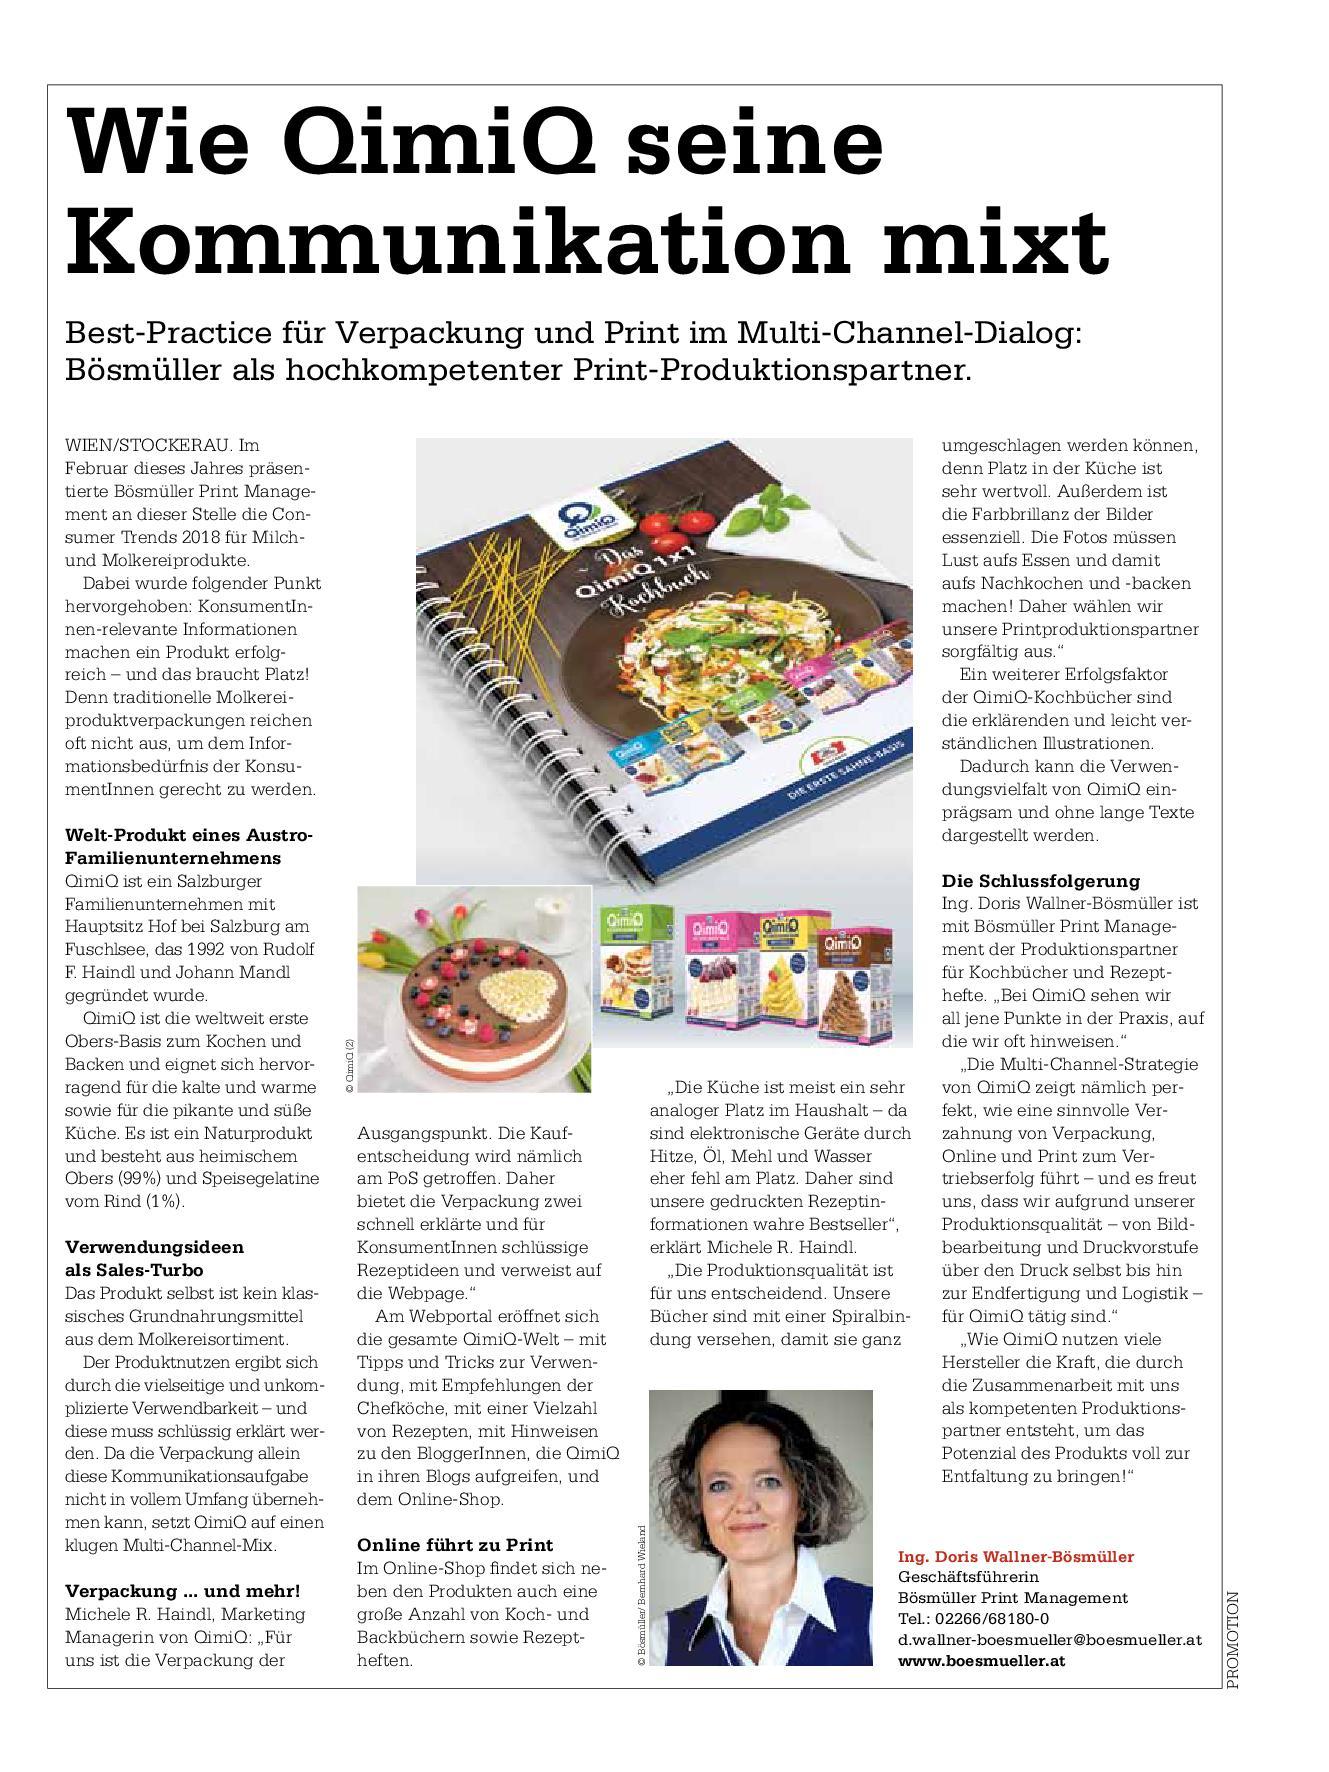 E_Downloads_Medianet_Advertorial Molkereiprodukte Bösmüller QimiQ _2018.jpg